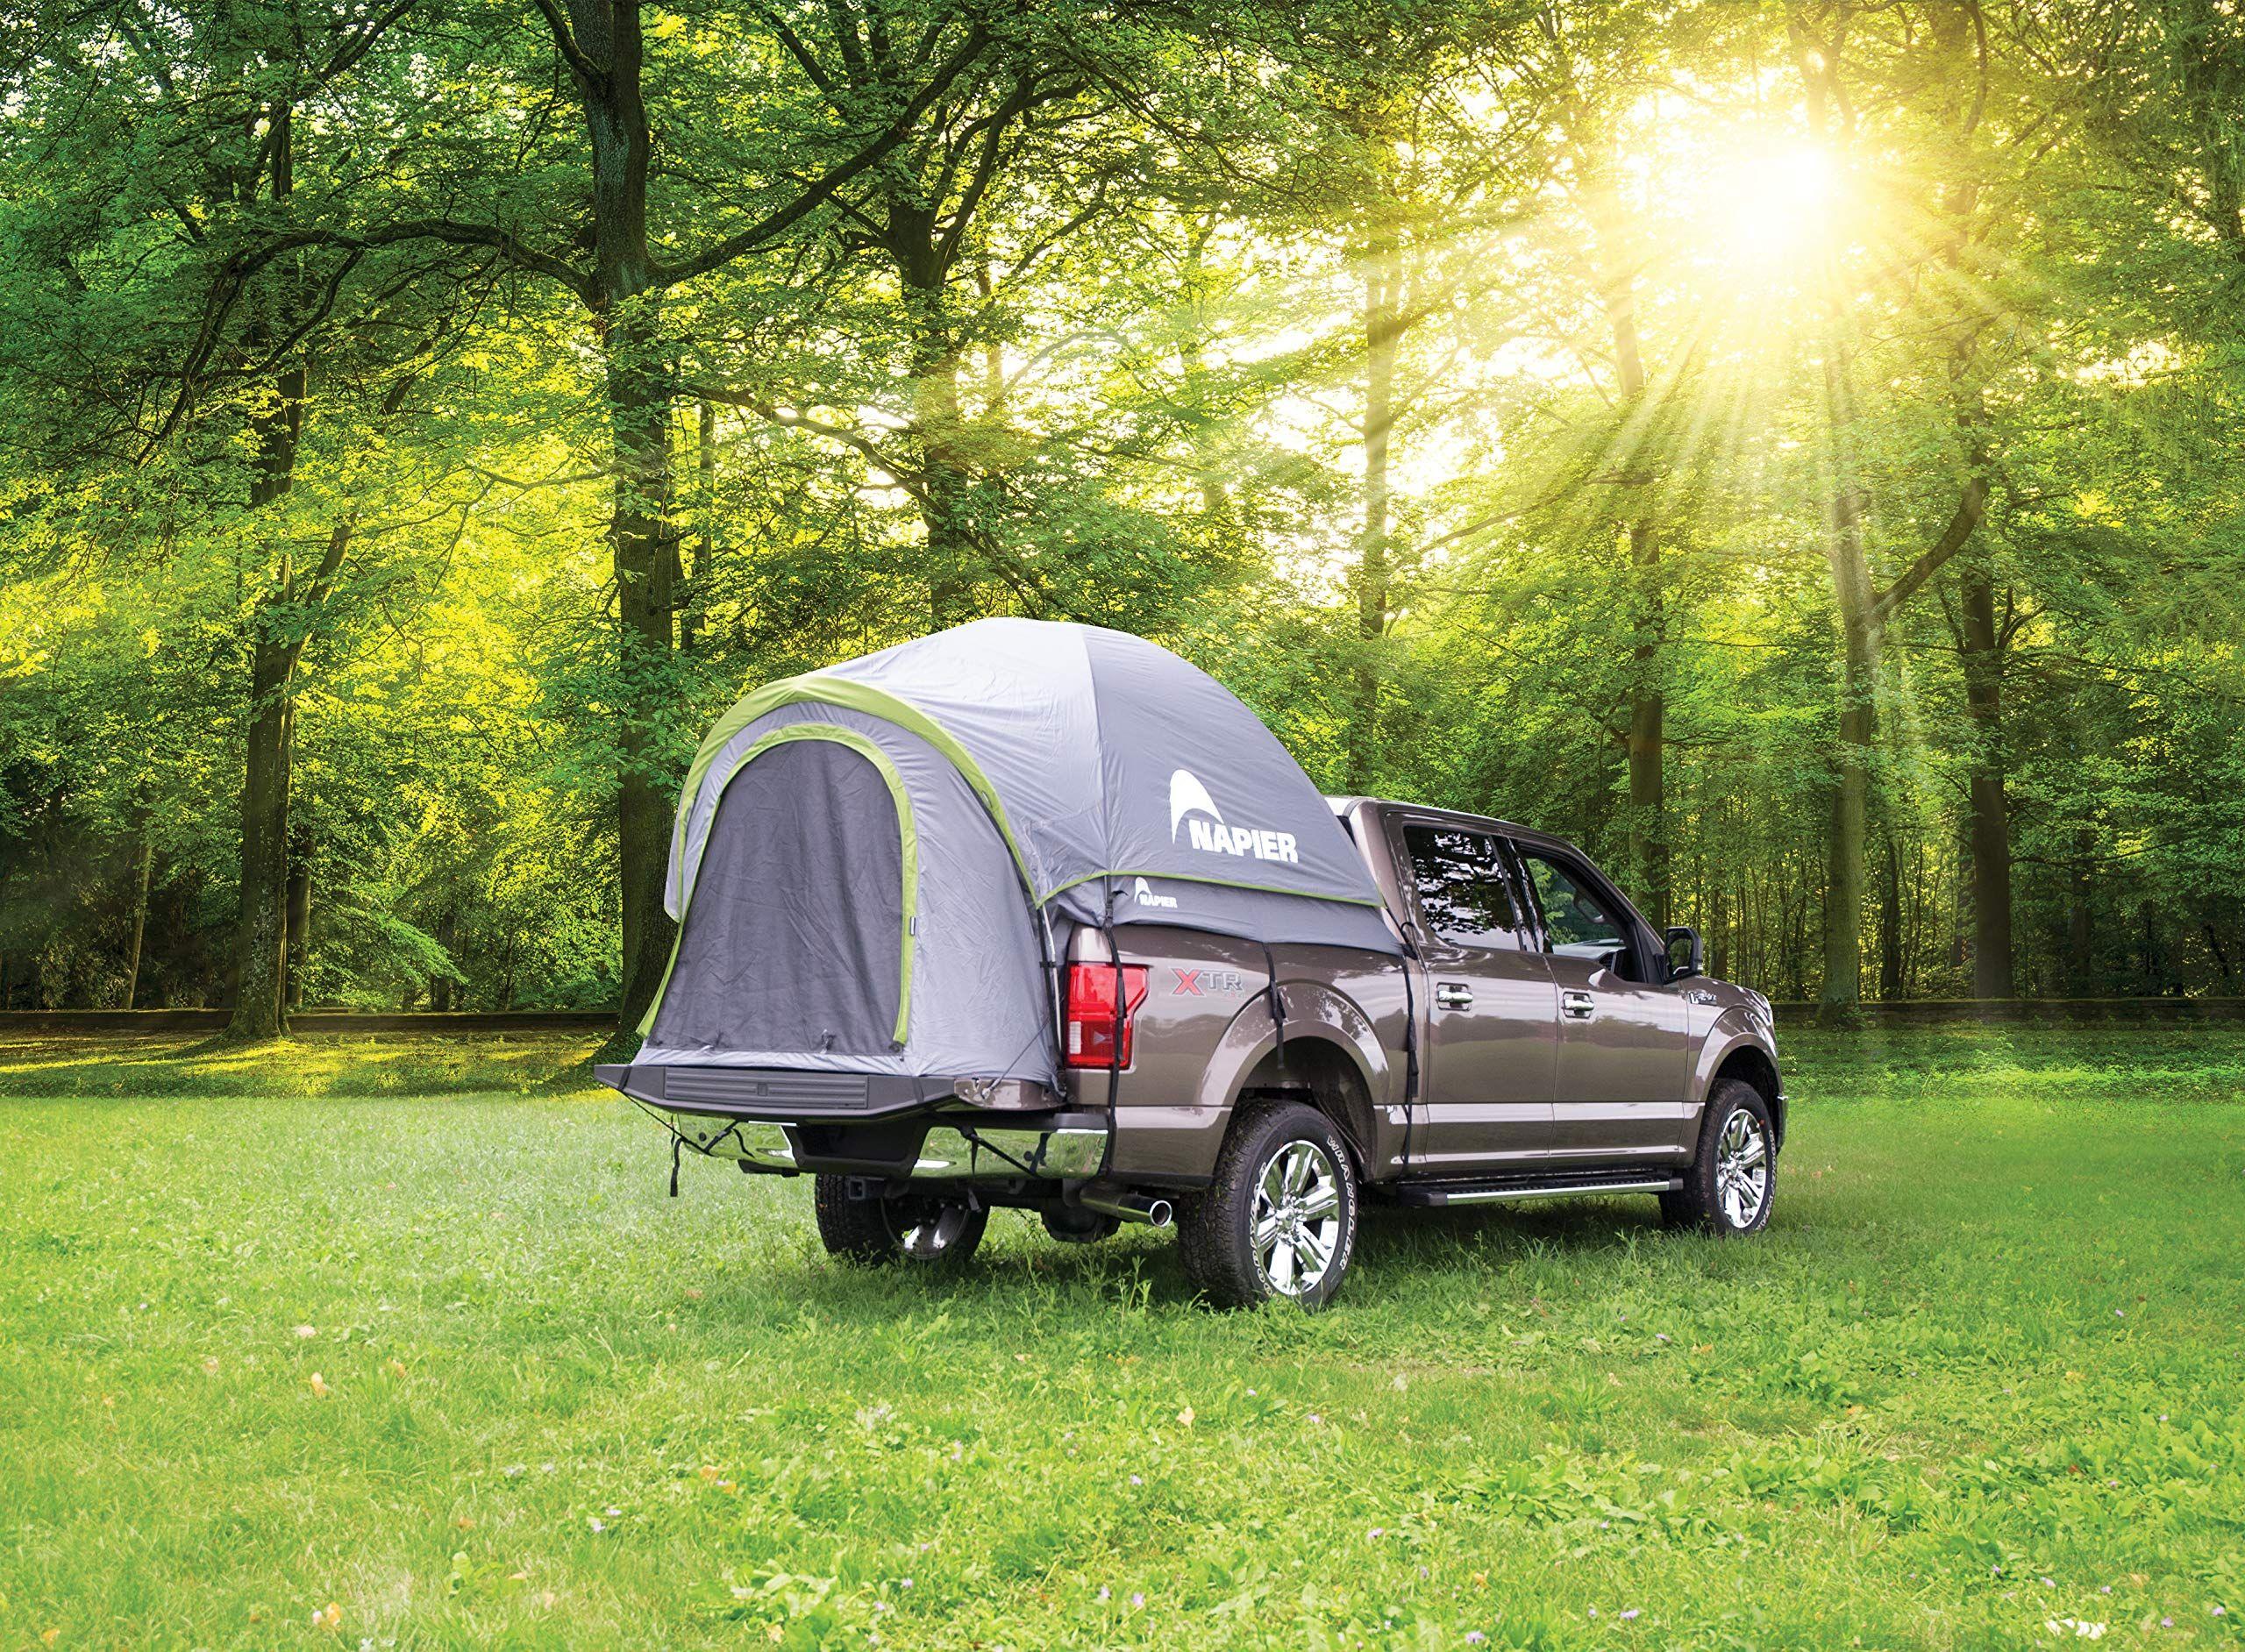 Napier Backroadz Truck Tent Compact Regular Bed Grey/Green